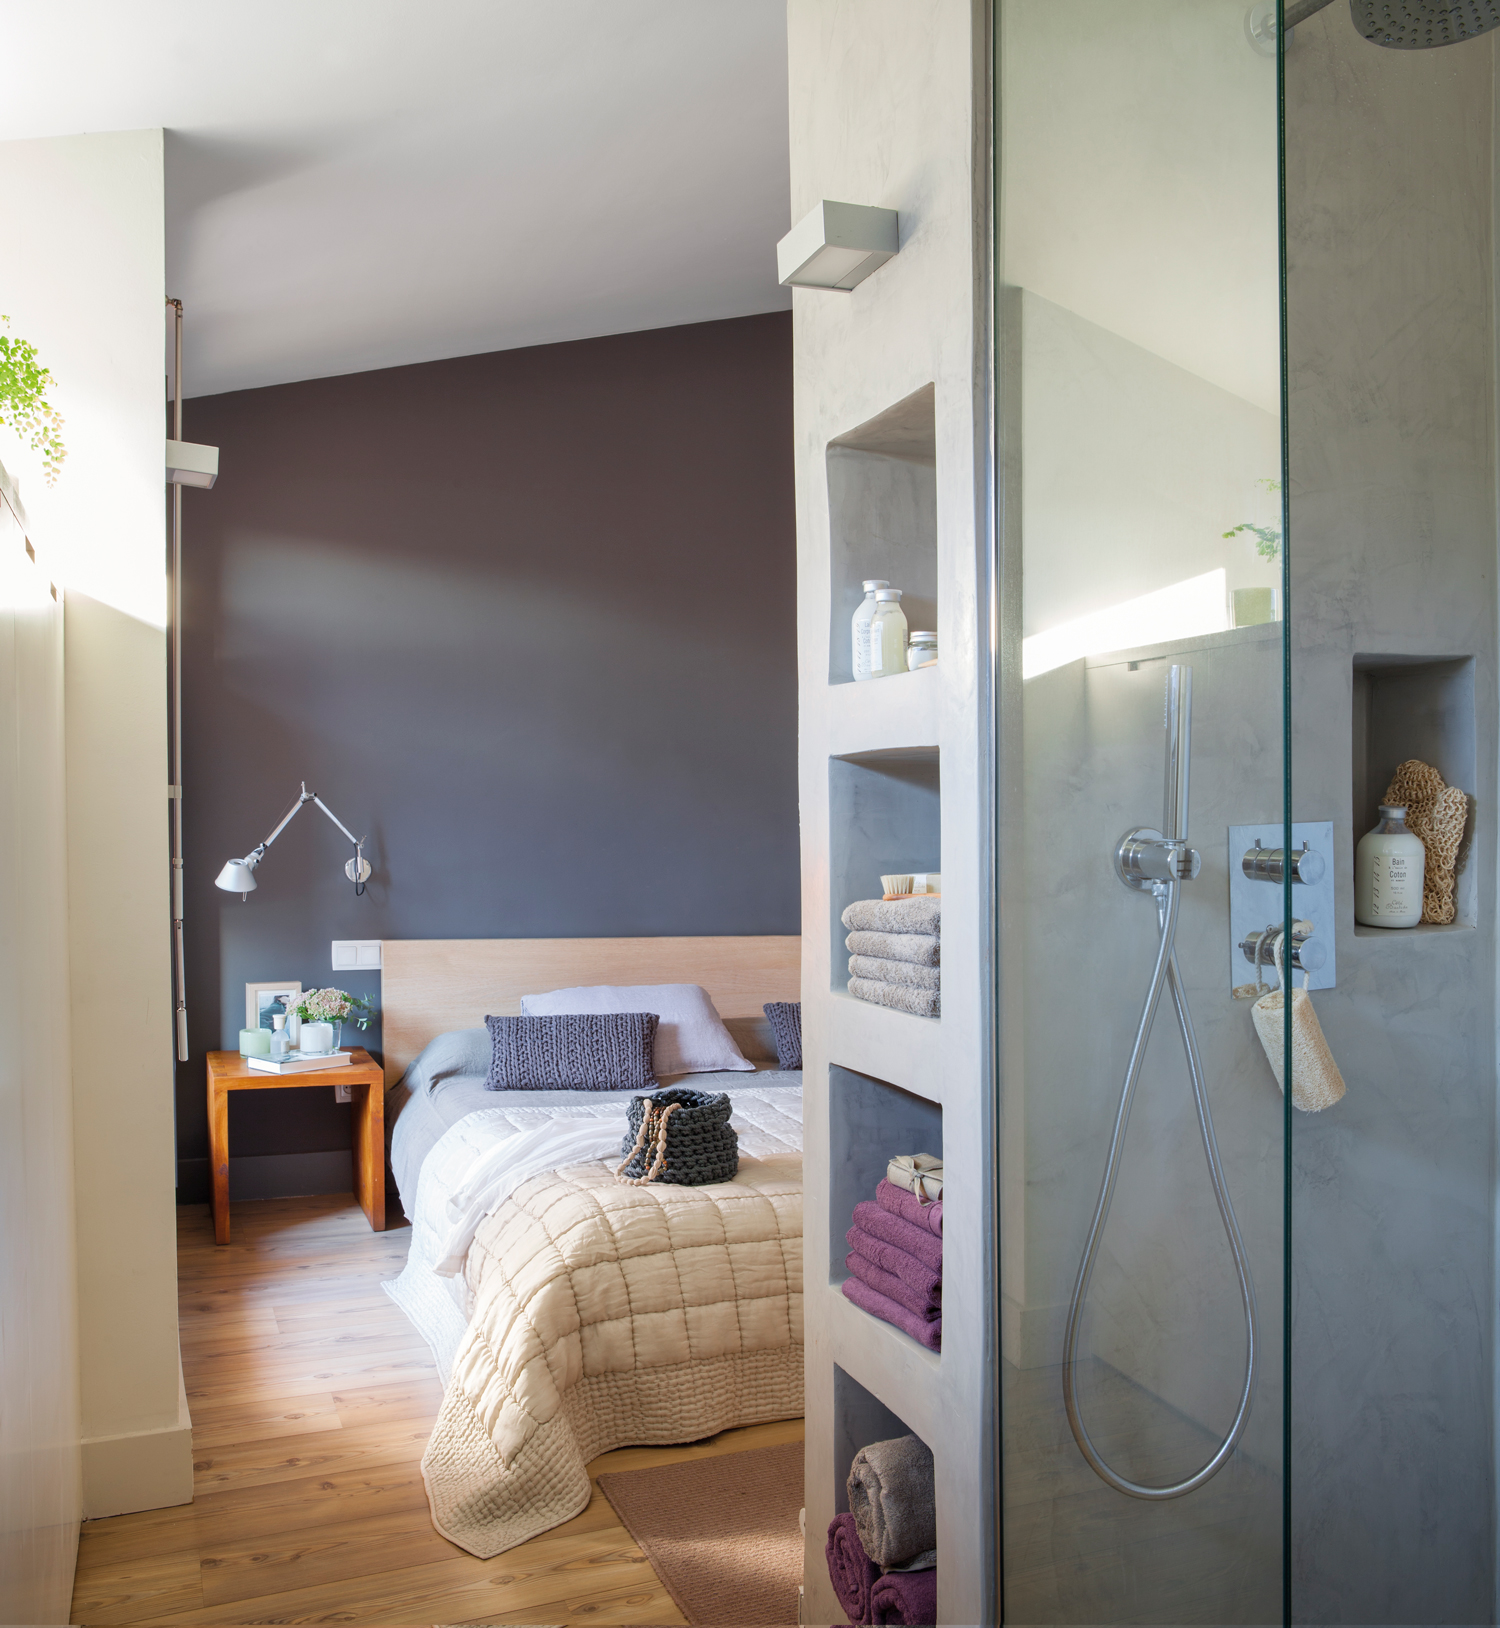 Hornacinas  huecos decorativos y con espacio extra para toda la casa 208cc33d6b88